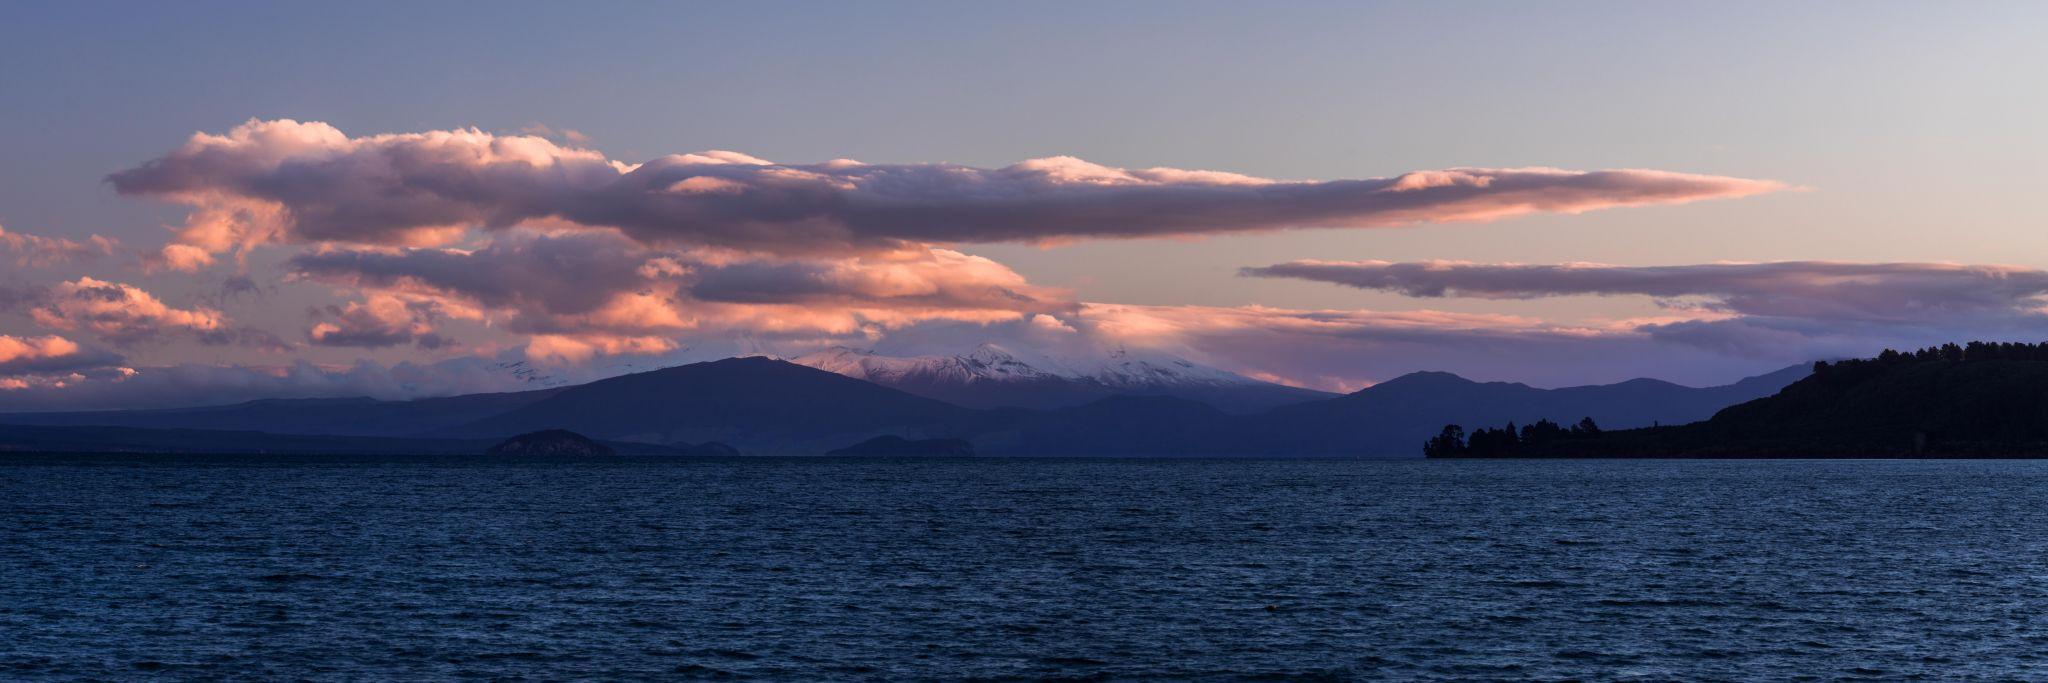 Lake Taupo, New Zealand, New Zealand